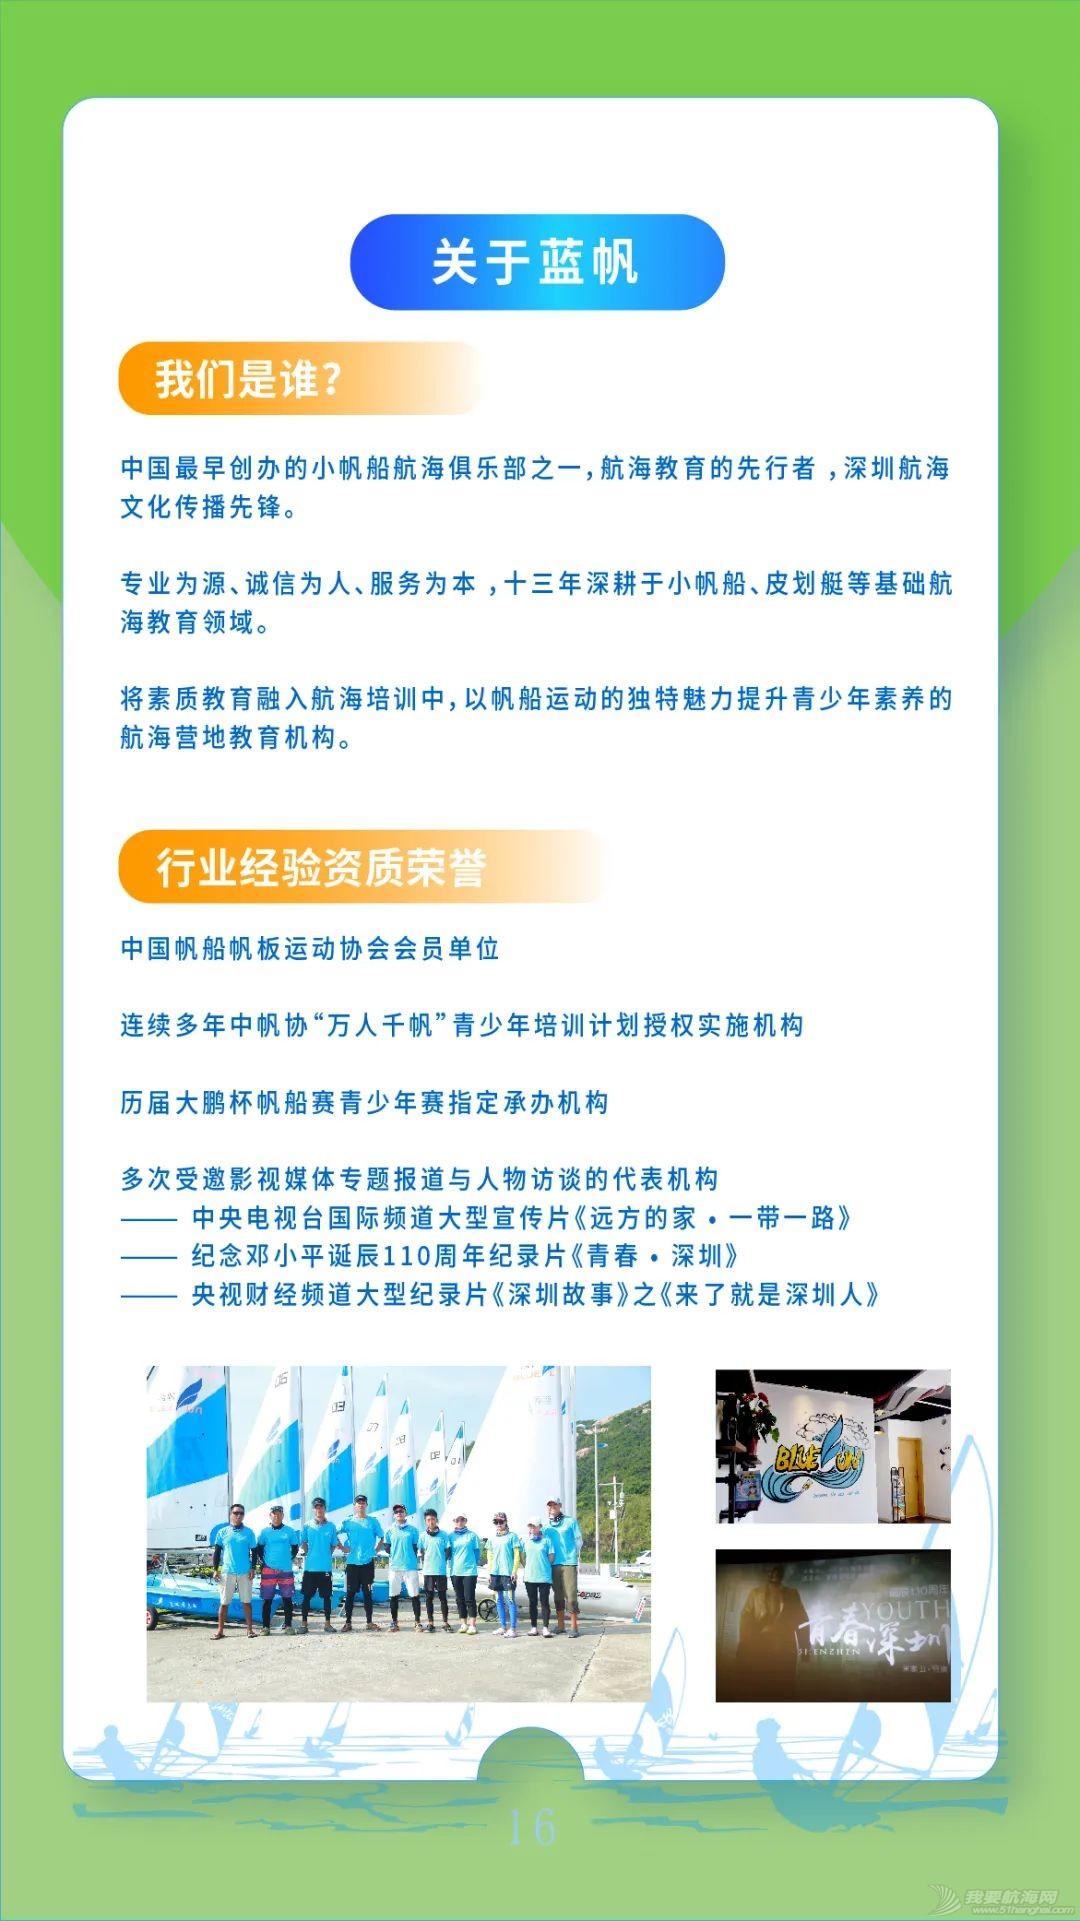 2021帆船夏令营之华南篇|中帆协小帆船认证培训中心营业啦②w34.jpg